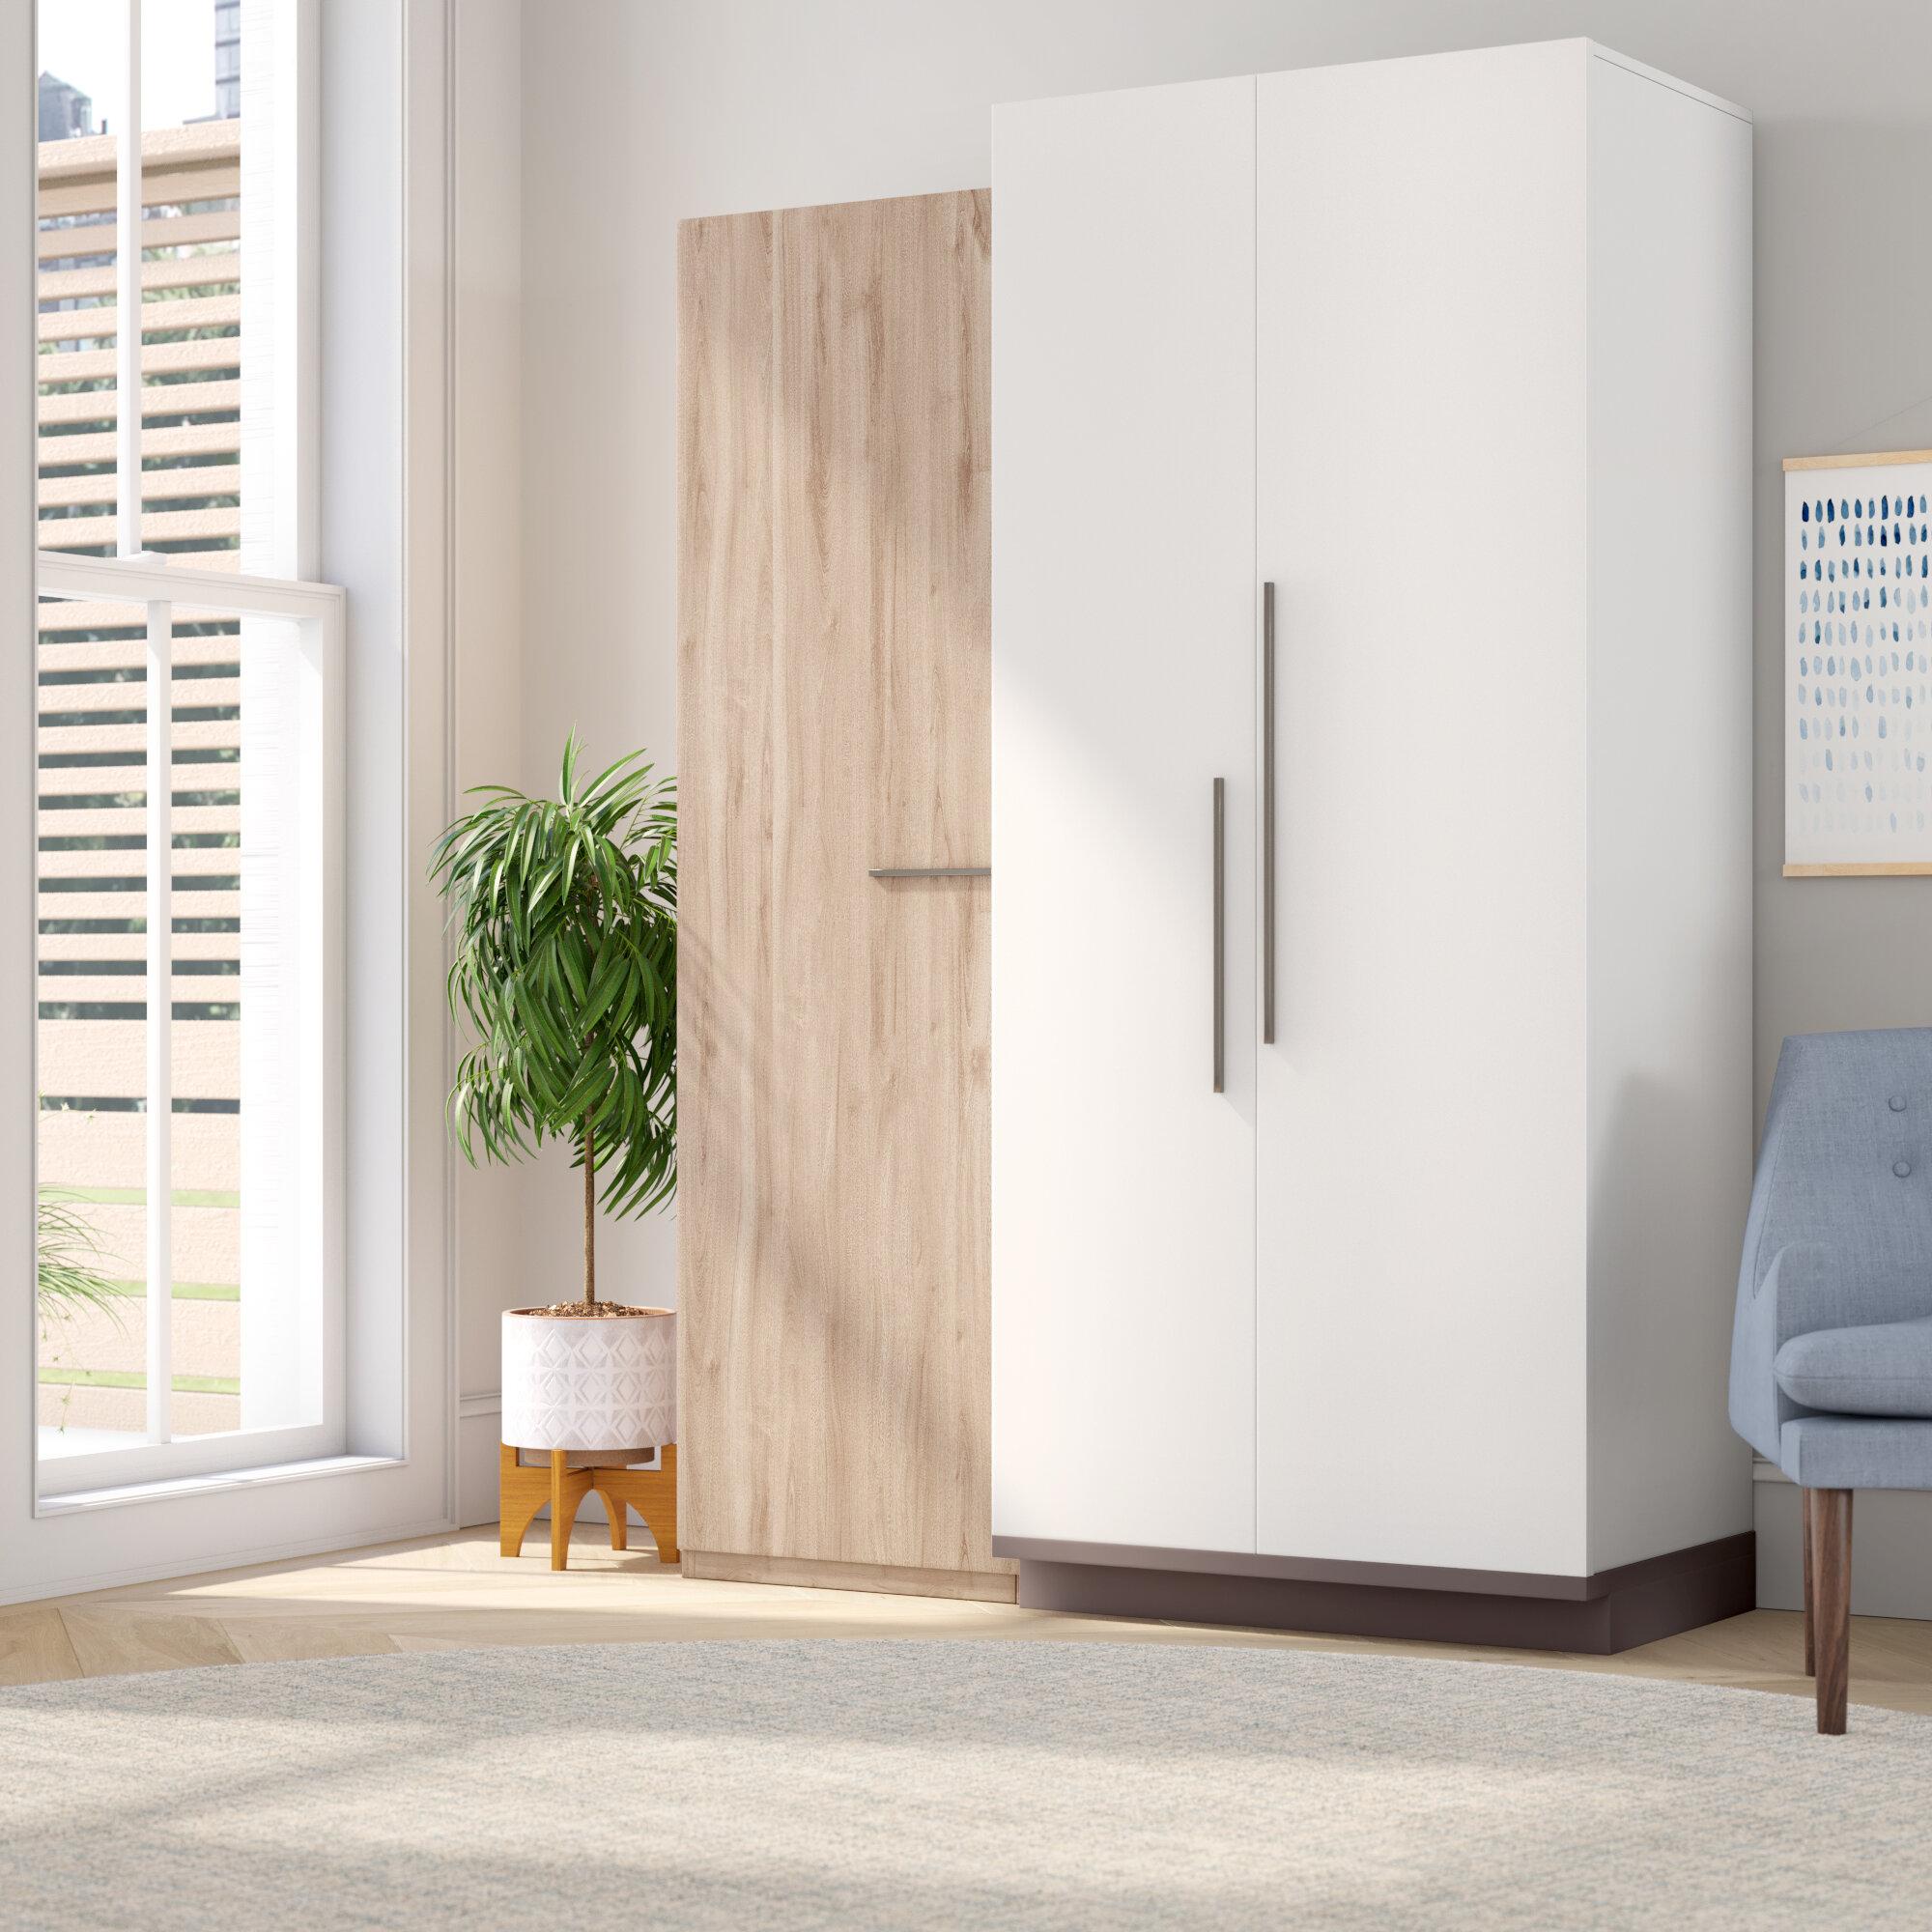 Hilbert 11 Door Wardrobe Armoire